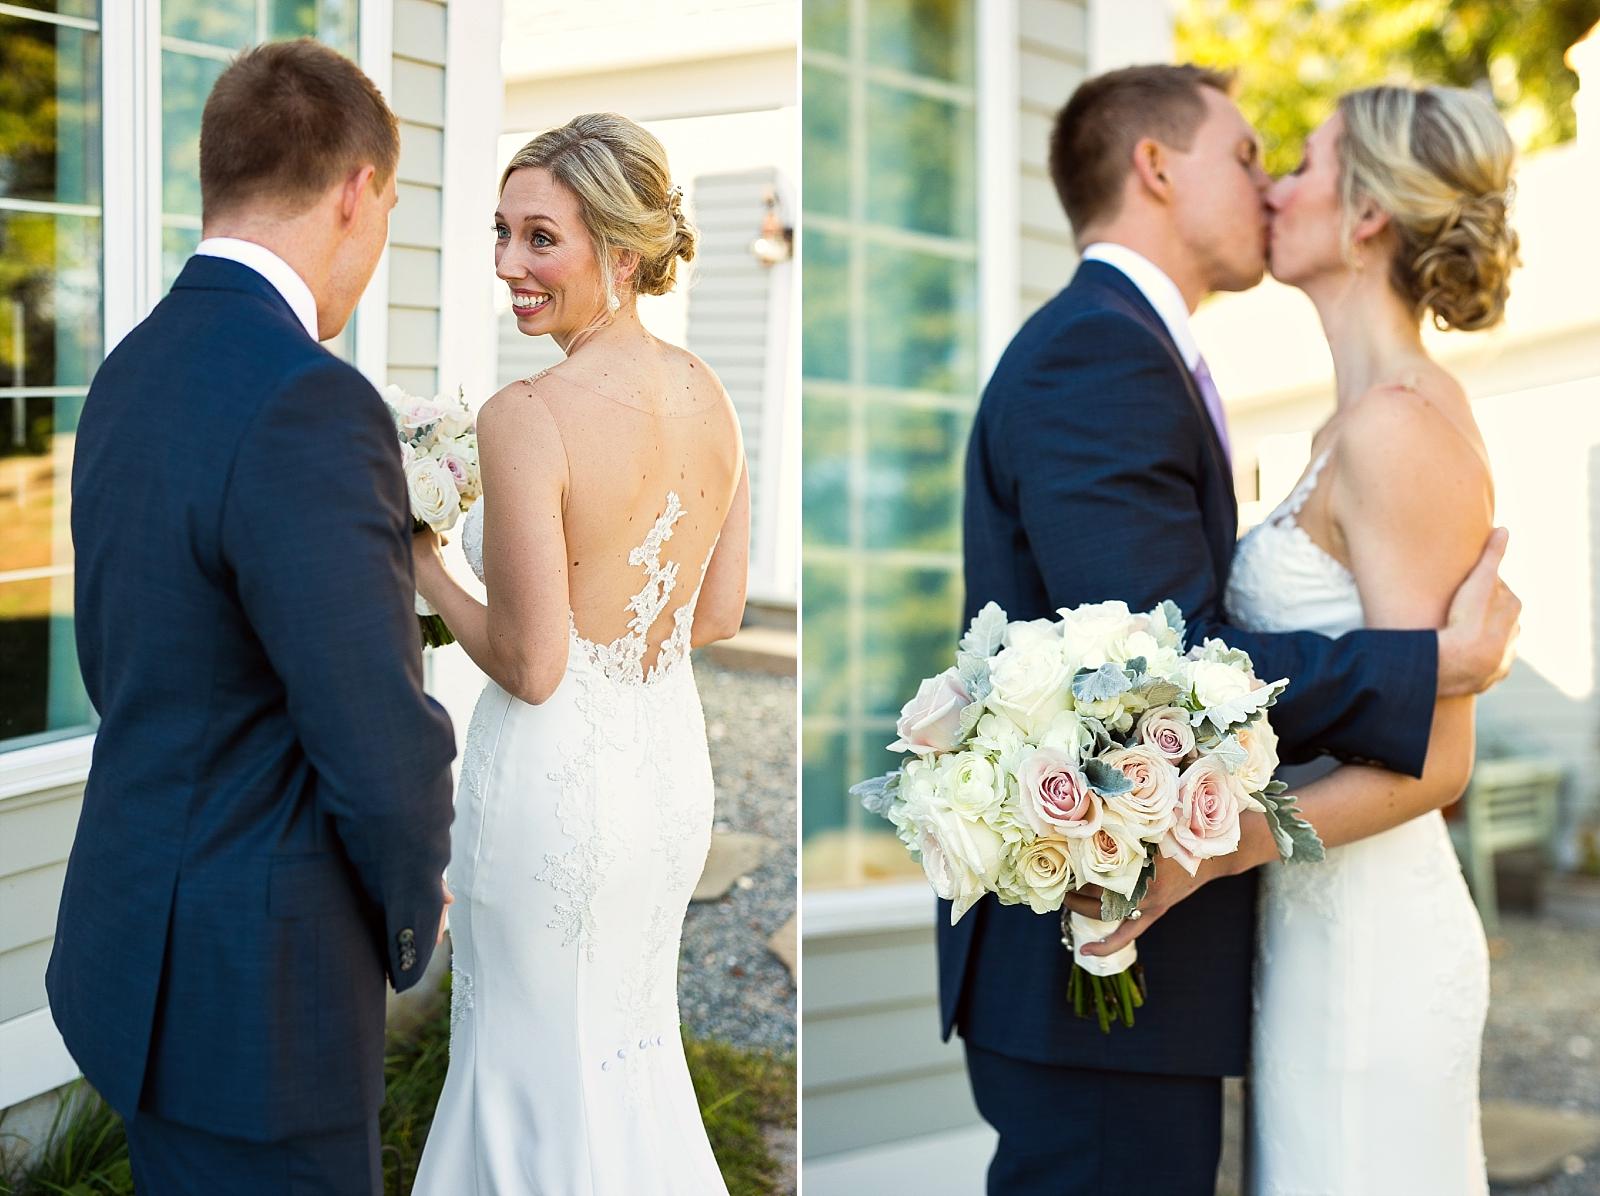 CT_Wedding_Photographer_BeLo_17.jpg